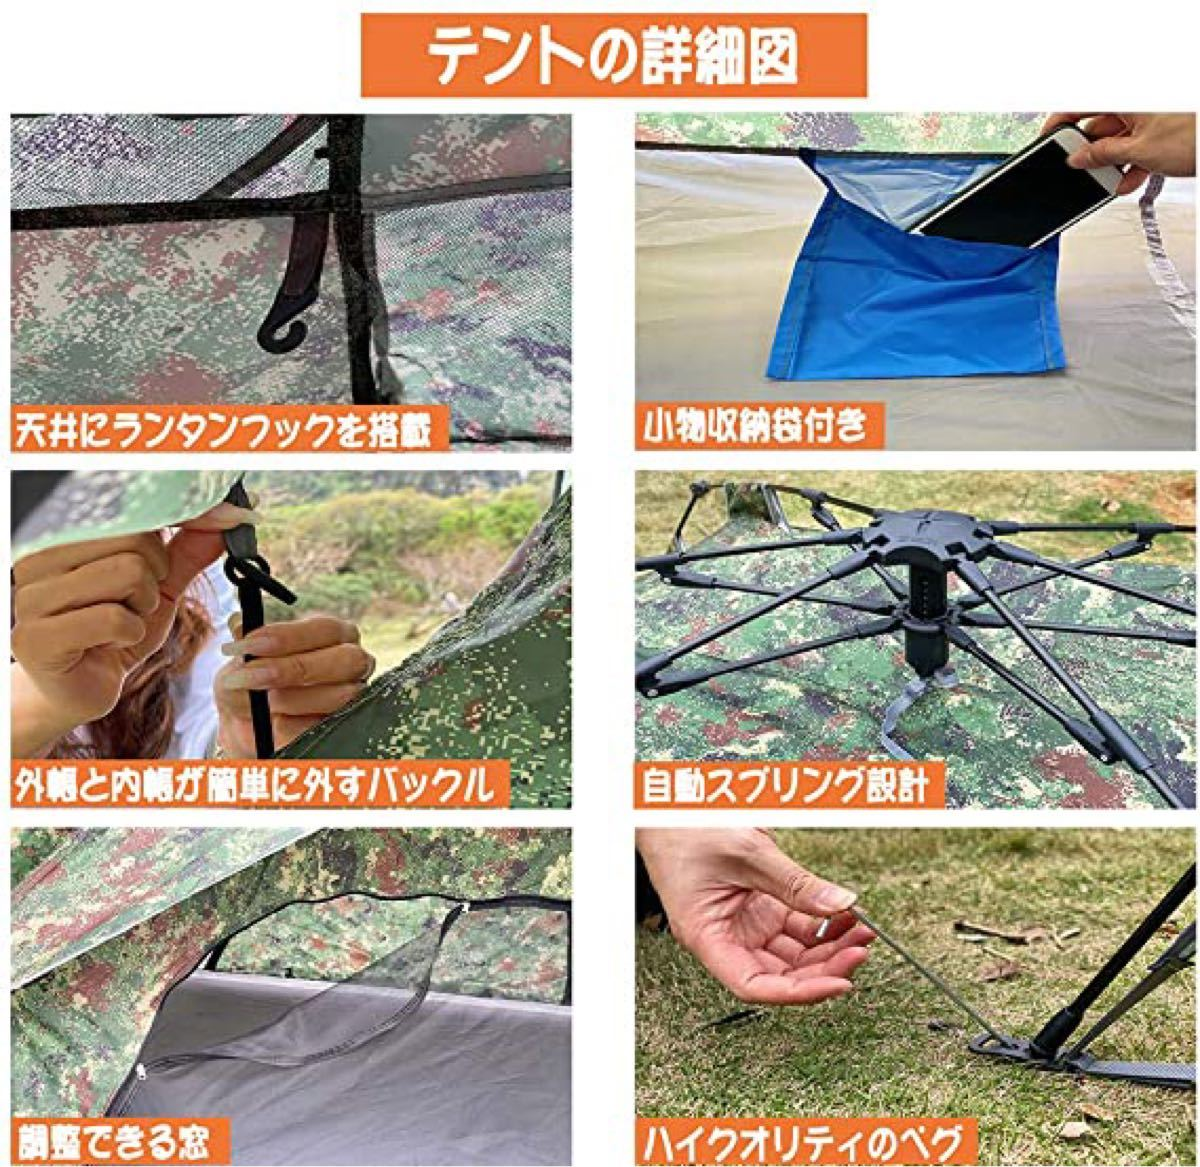 テント 3-4人用 ワンタッチ キャンプテント サンシェード 迷彩柄 防災